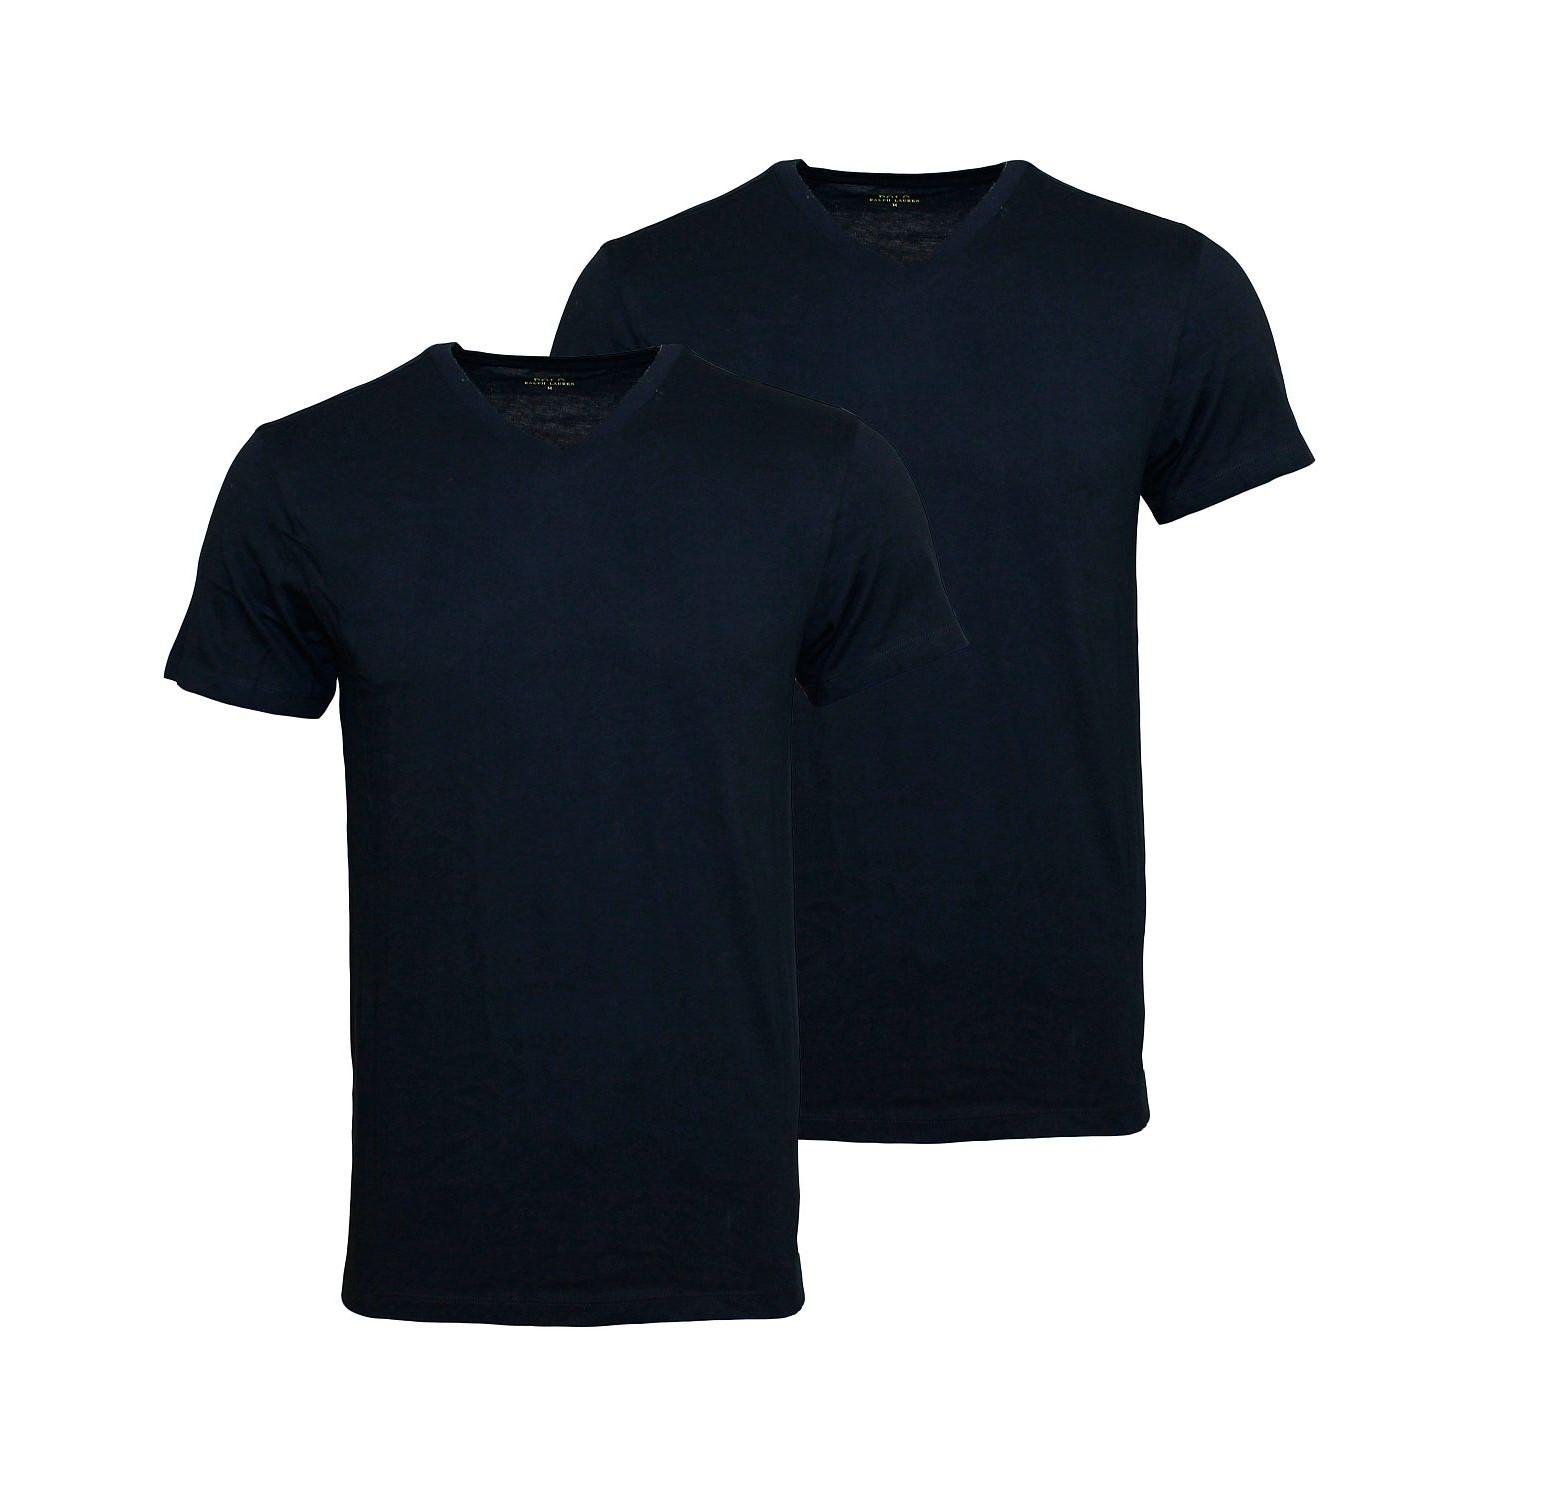 2er Pack Ralph Lauren T-Shirts schwarz 252U2PVKCRCCTA 0001 HW16